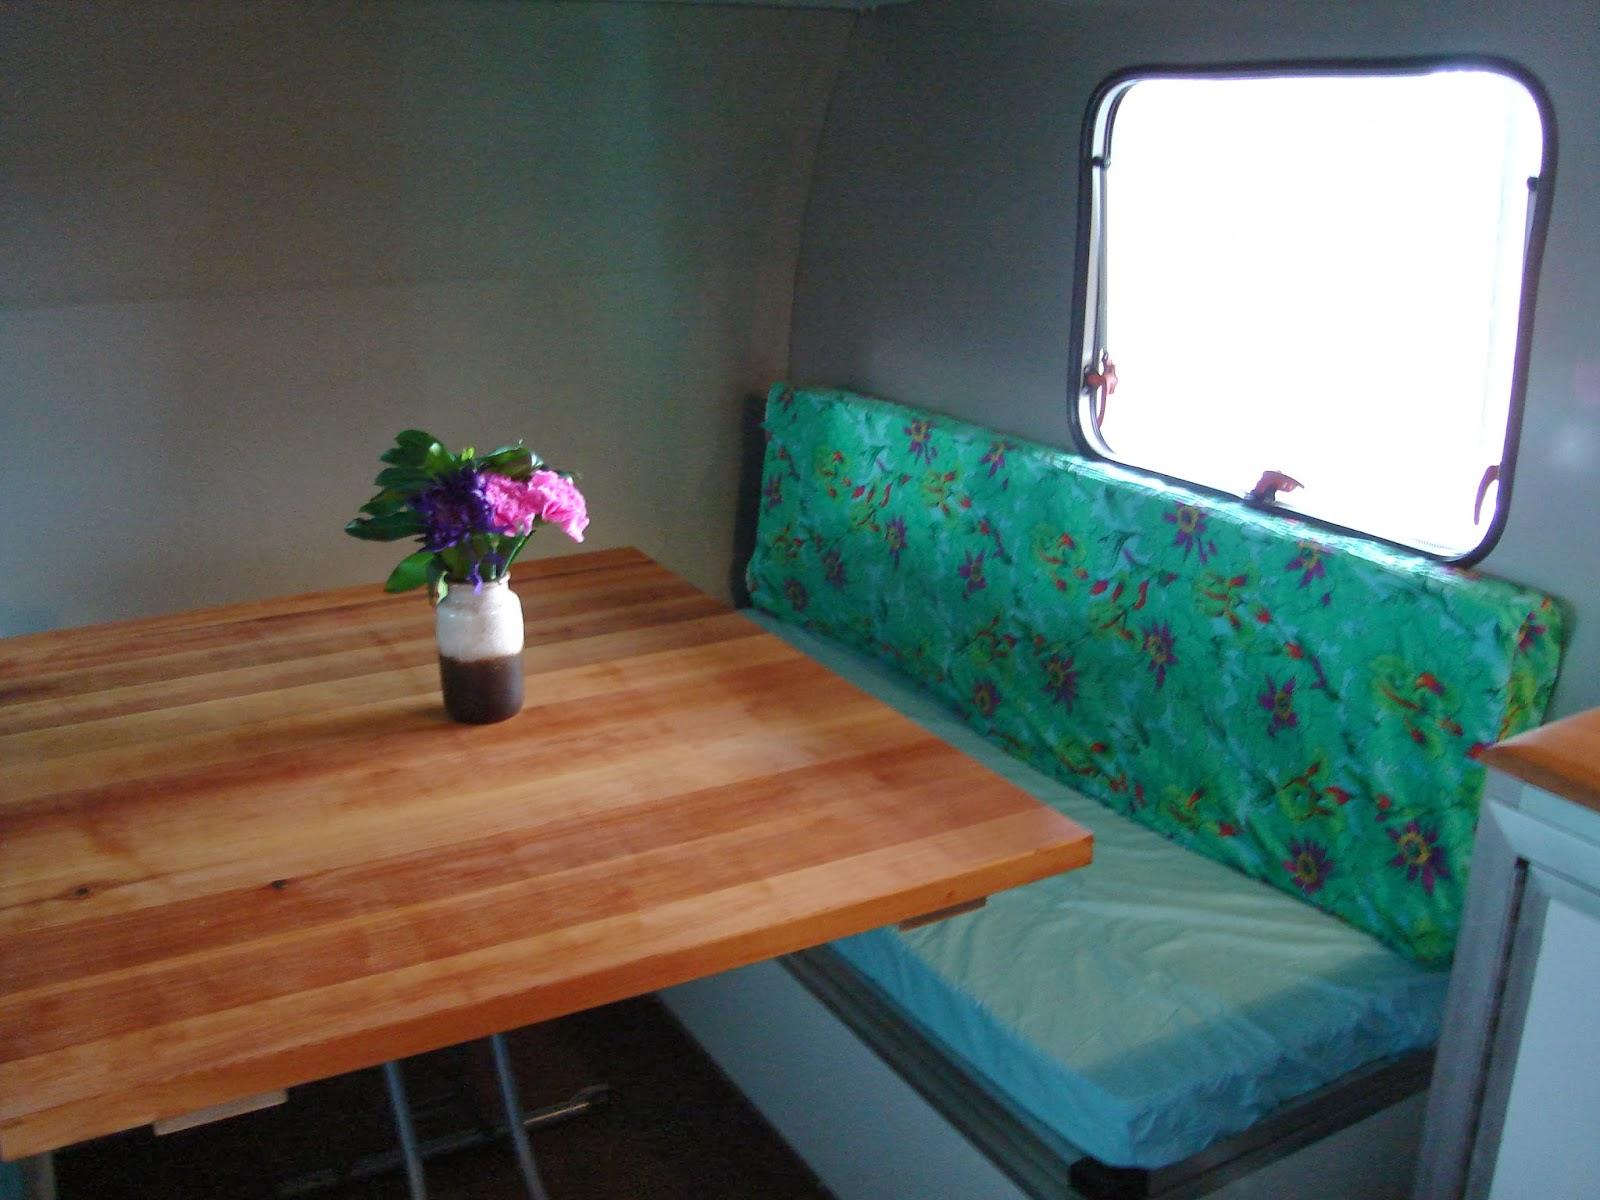 Custom Table And Natural Latex Cushions